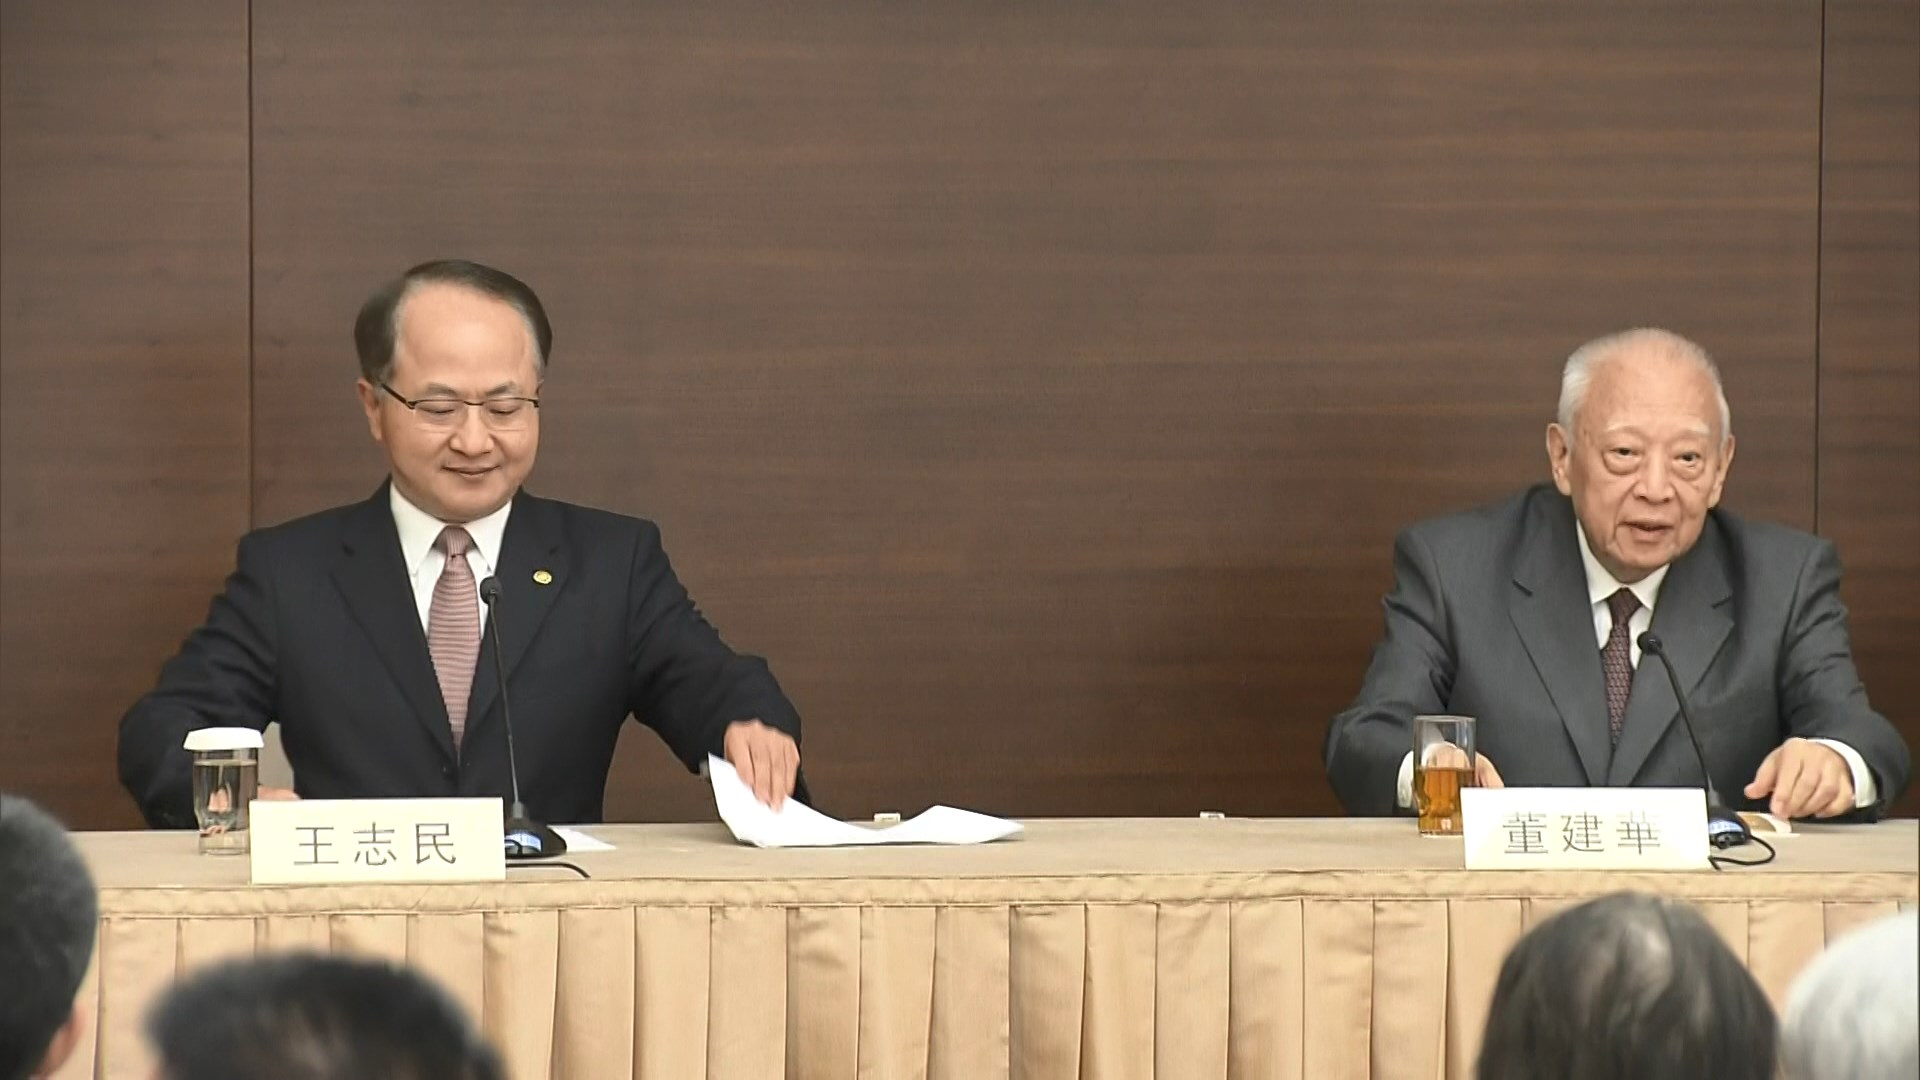 王志民:衝擊立法會公然挑戰法治應予譴責